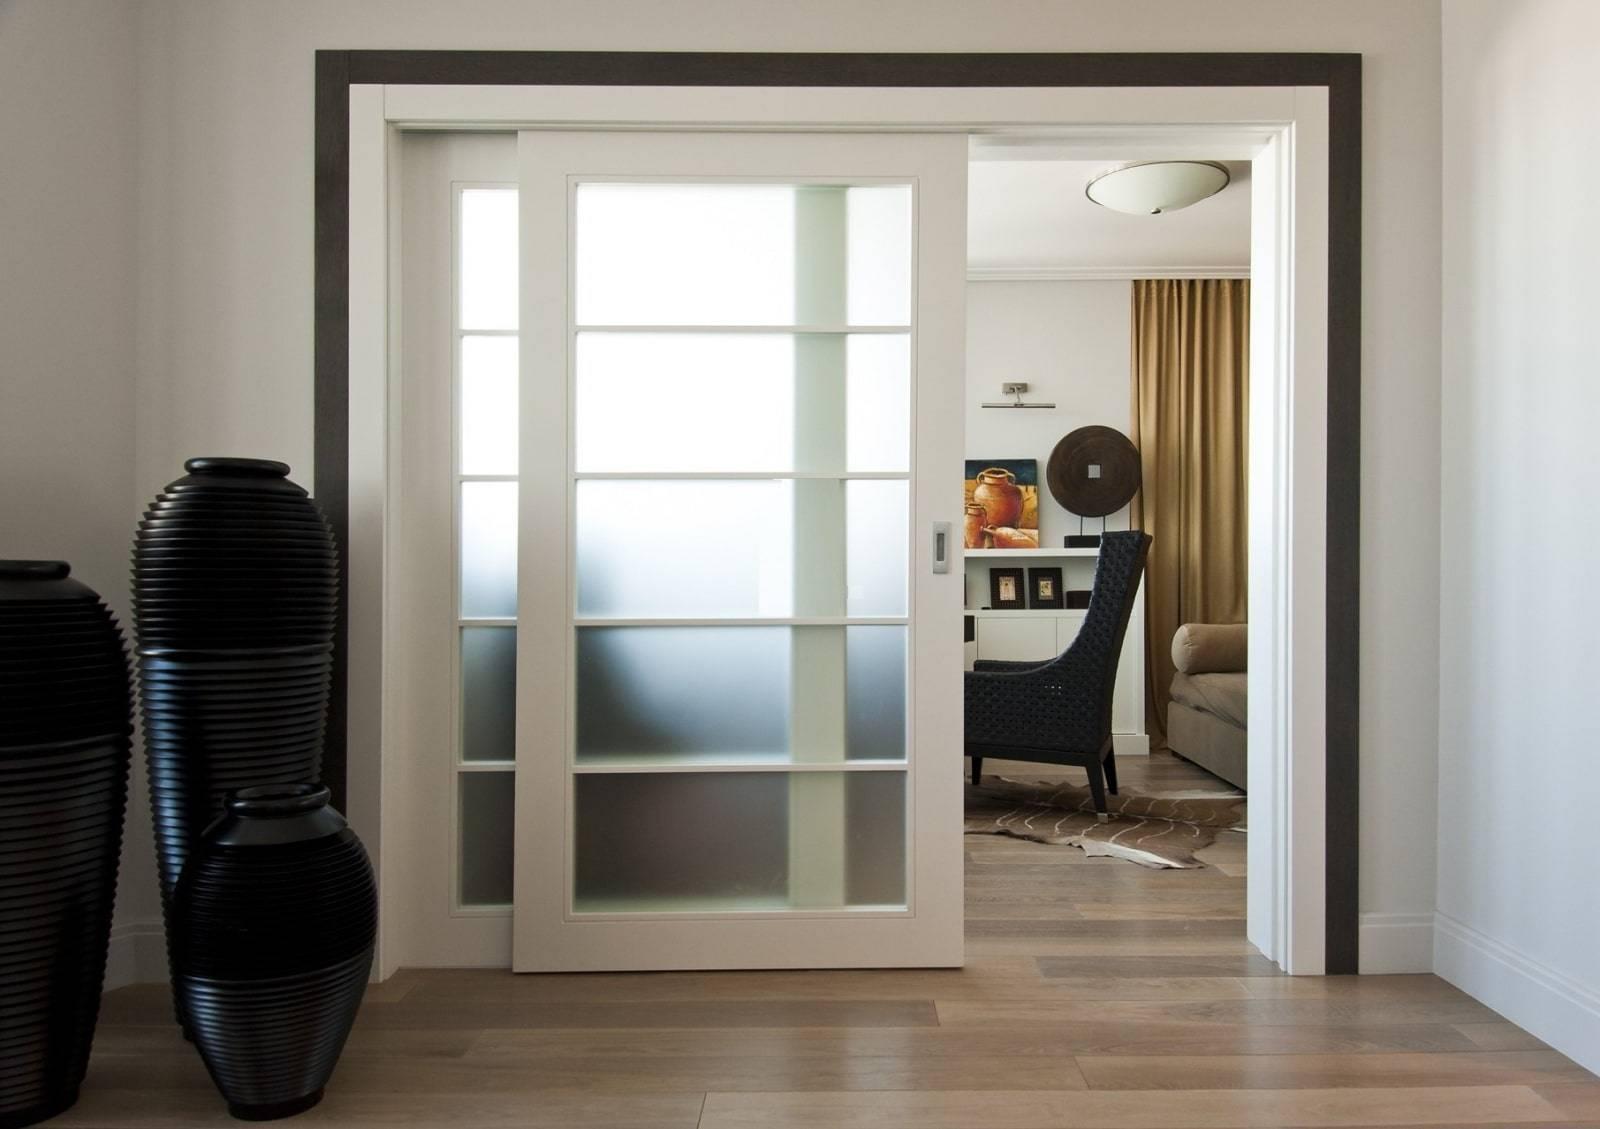 Преимущества и недостатки арочных межкомнатных раздвижных дверей